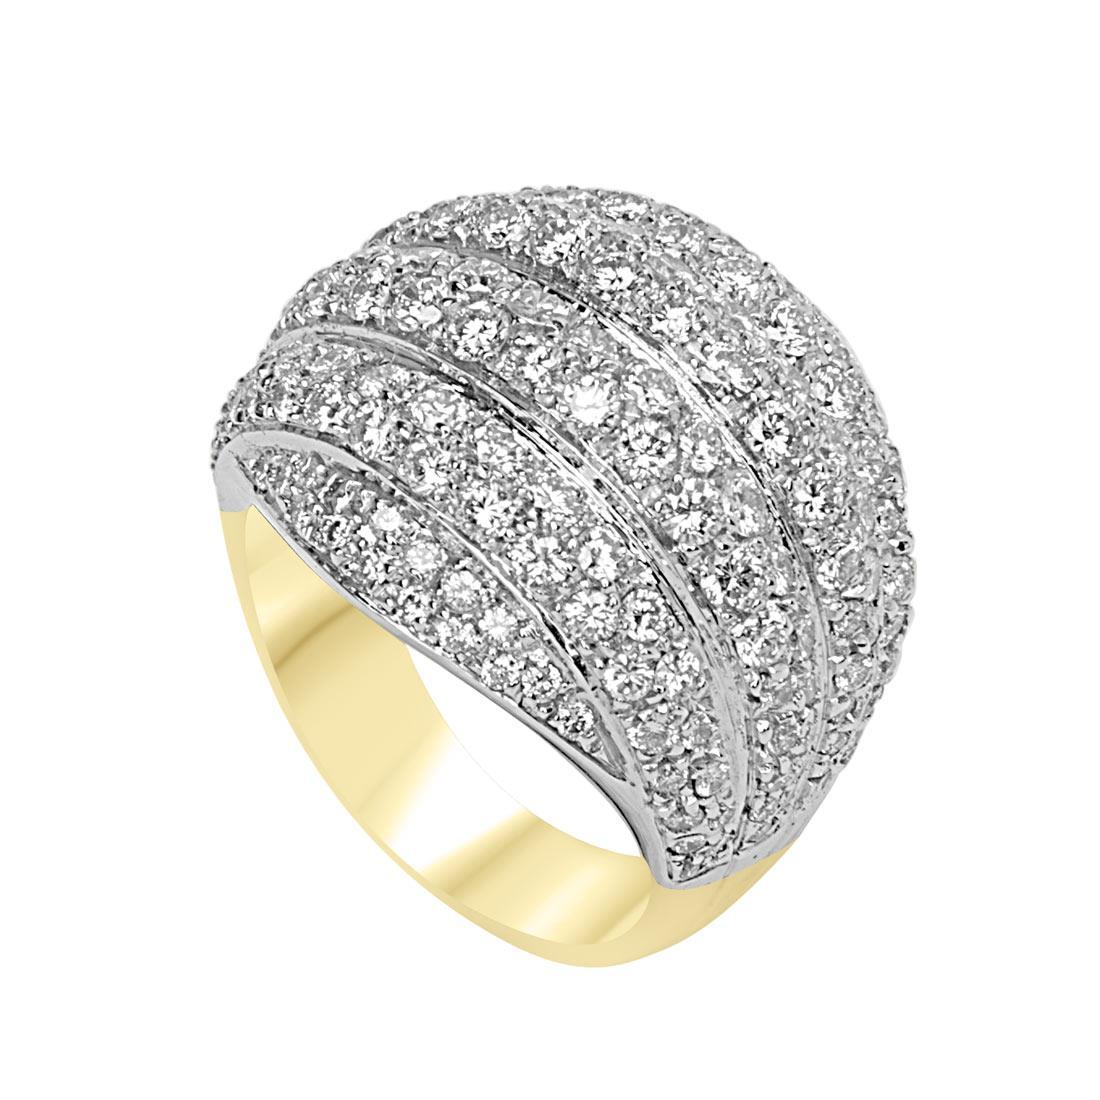 Anello in oro giallo e bianco con pavé di diamanti - ORO&CO